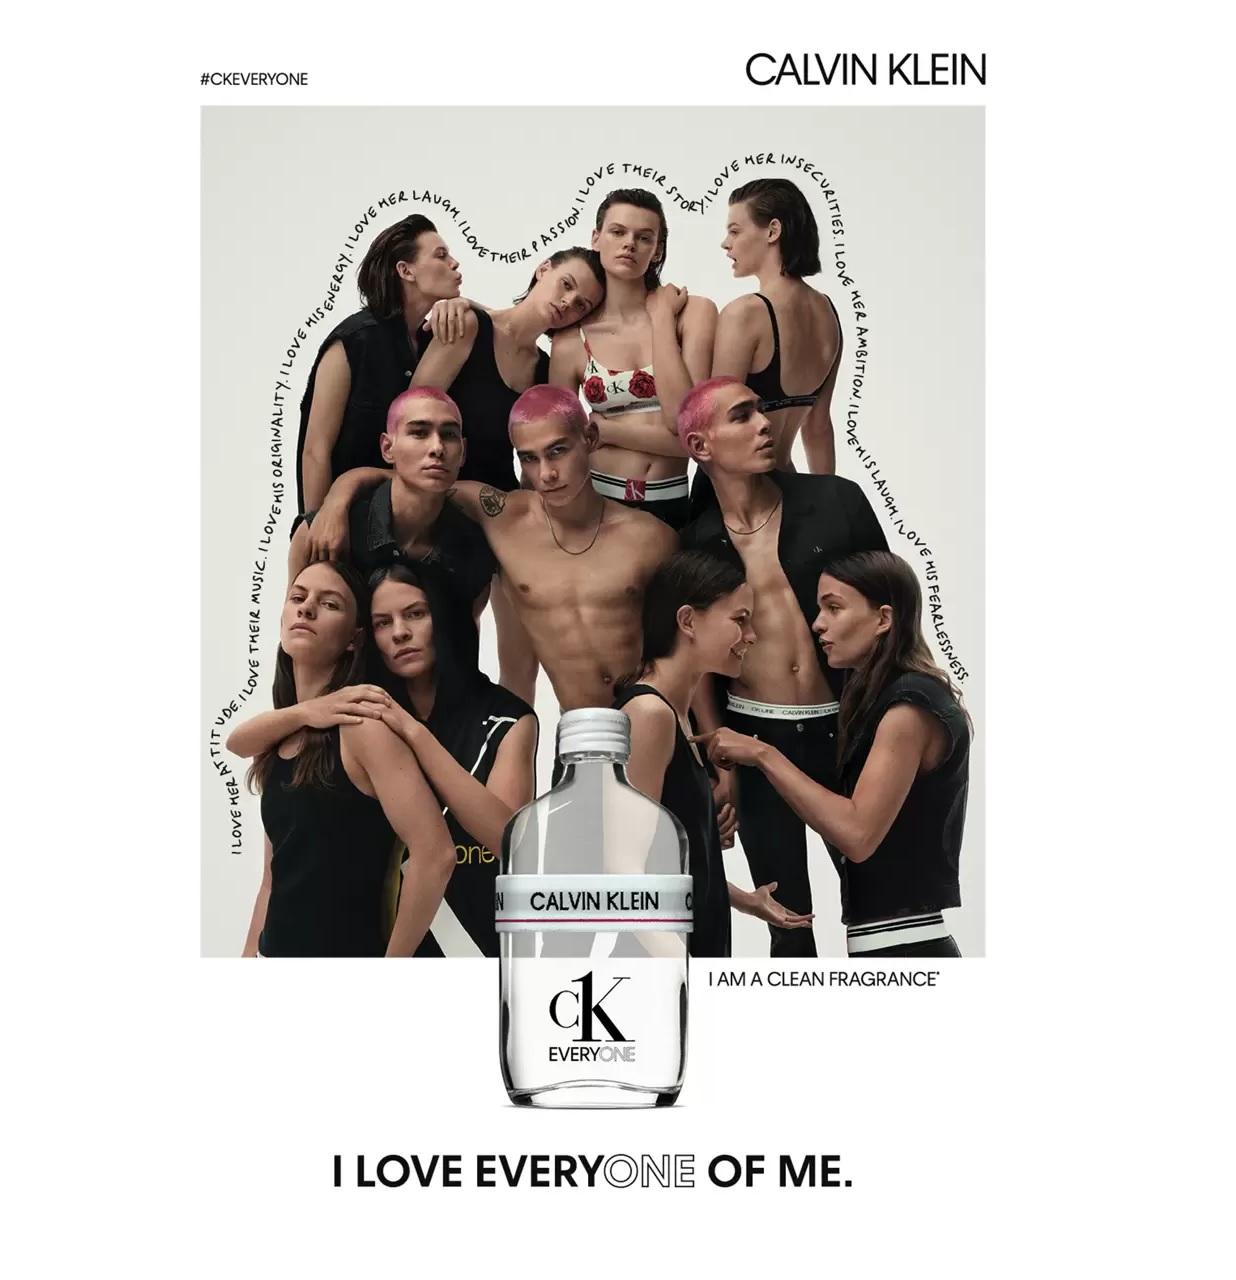 Es Actriz Trans Y Fue Elegida Por Calvin Klein Para Protagonizar